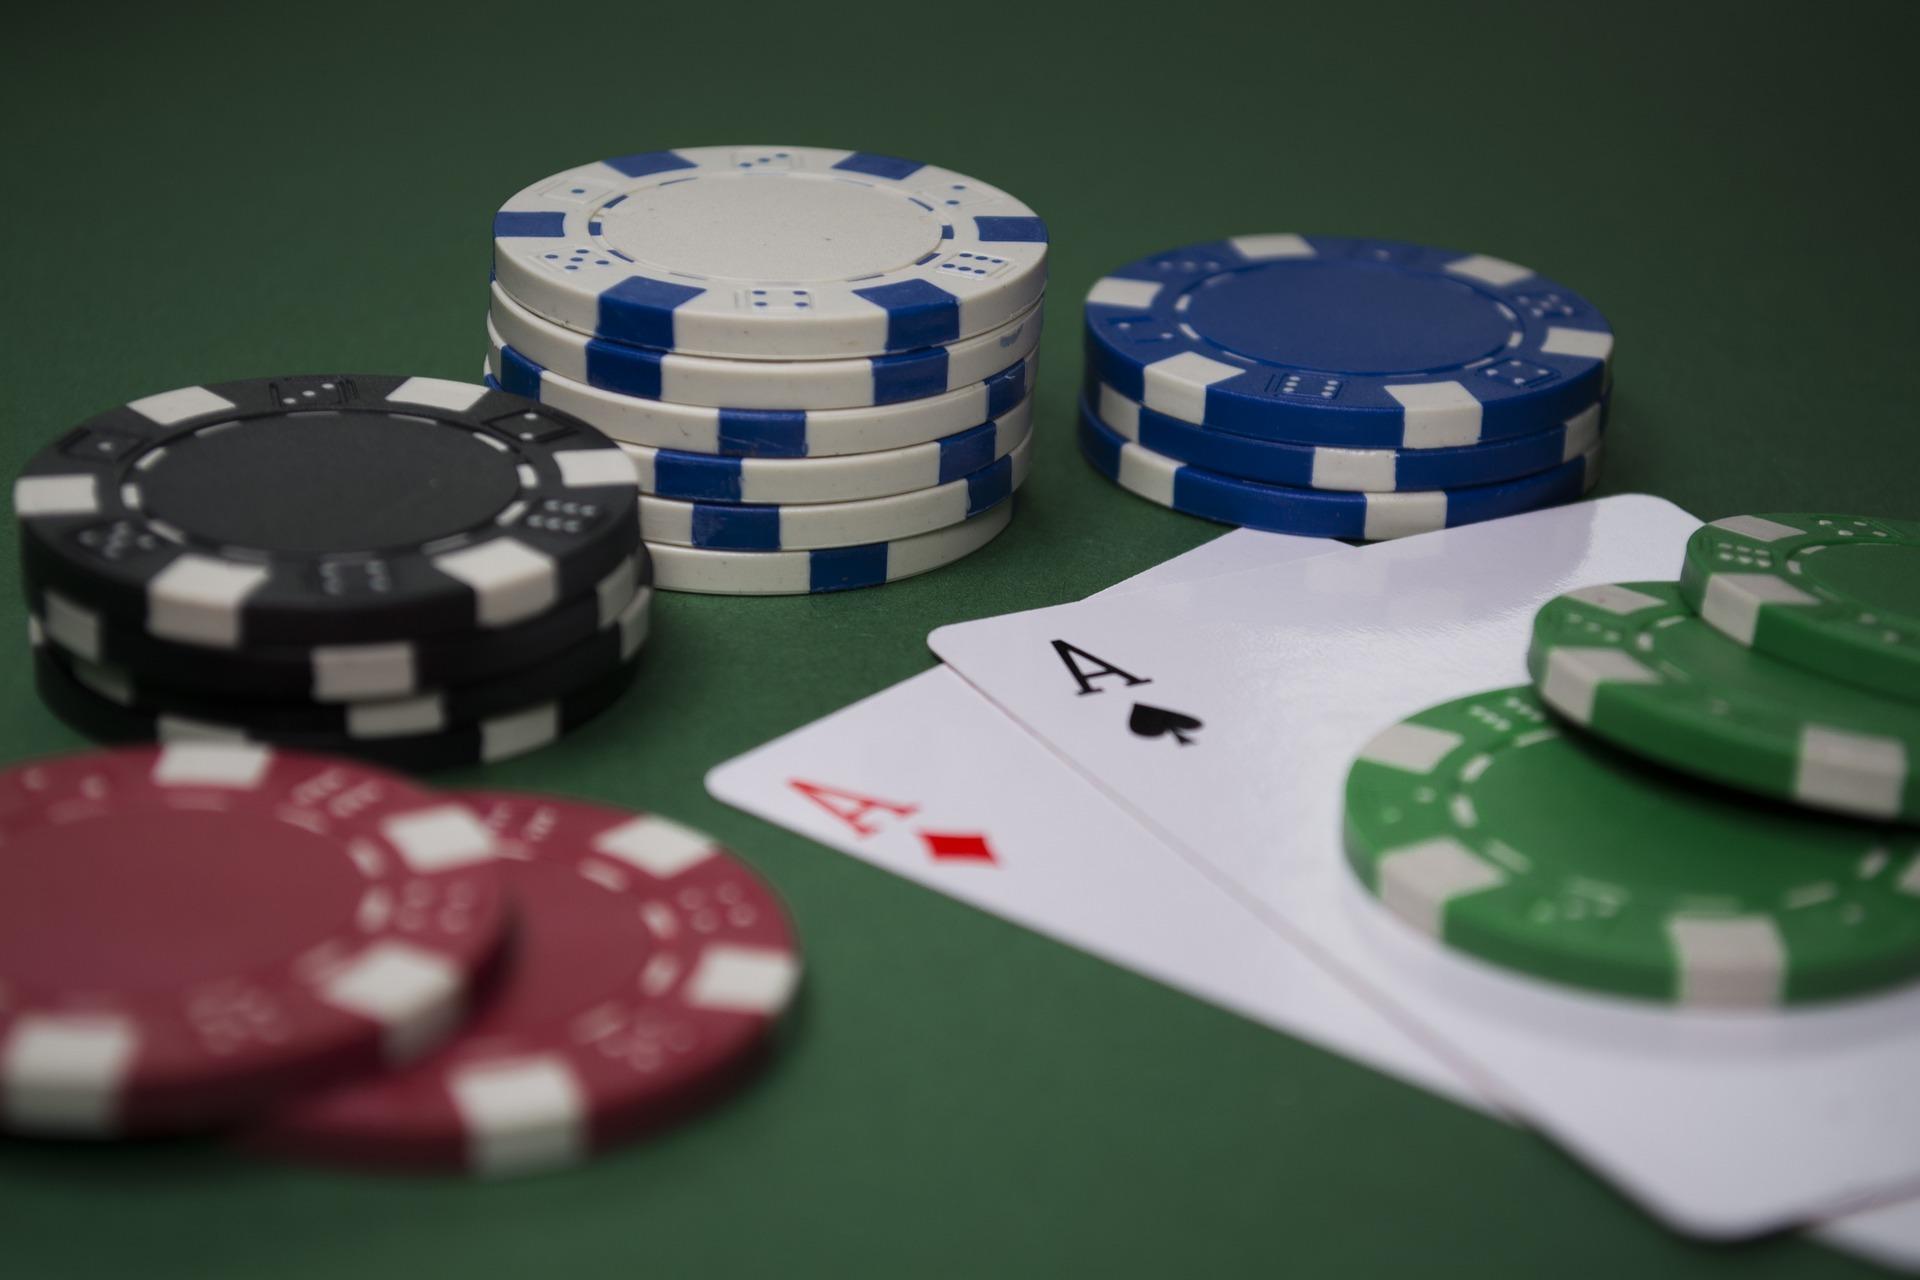 Promis im Pokerzirkus auf meinegeschichten.de